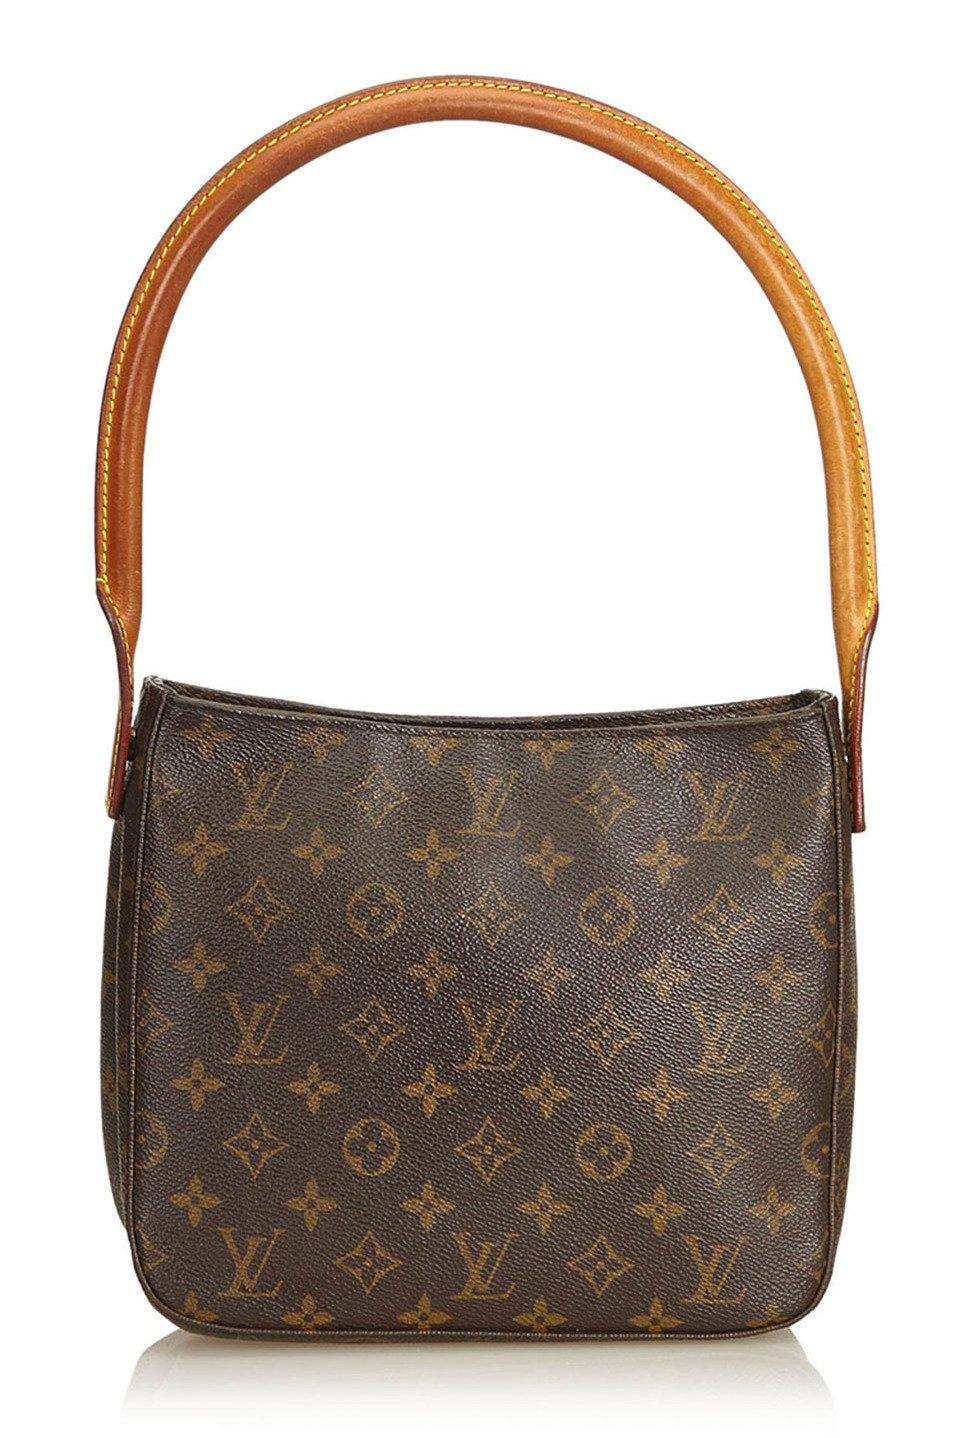 Louis Vuitton Monogram Looping MM in Brown